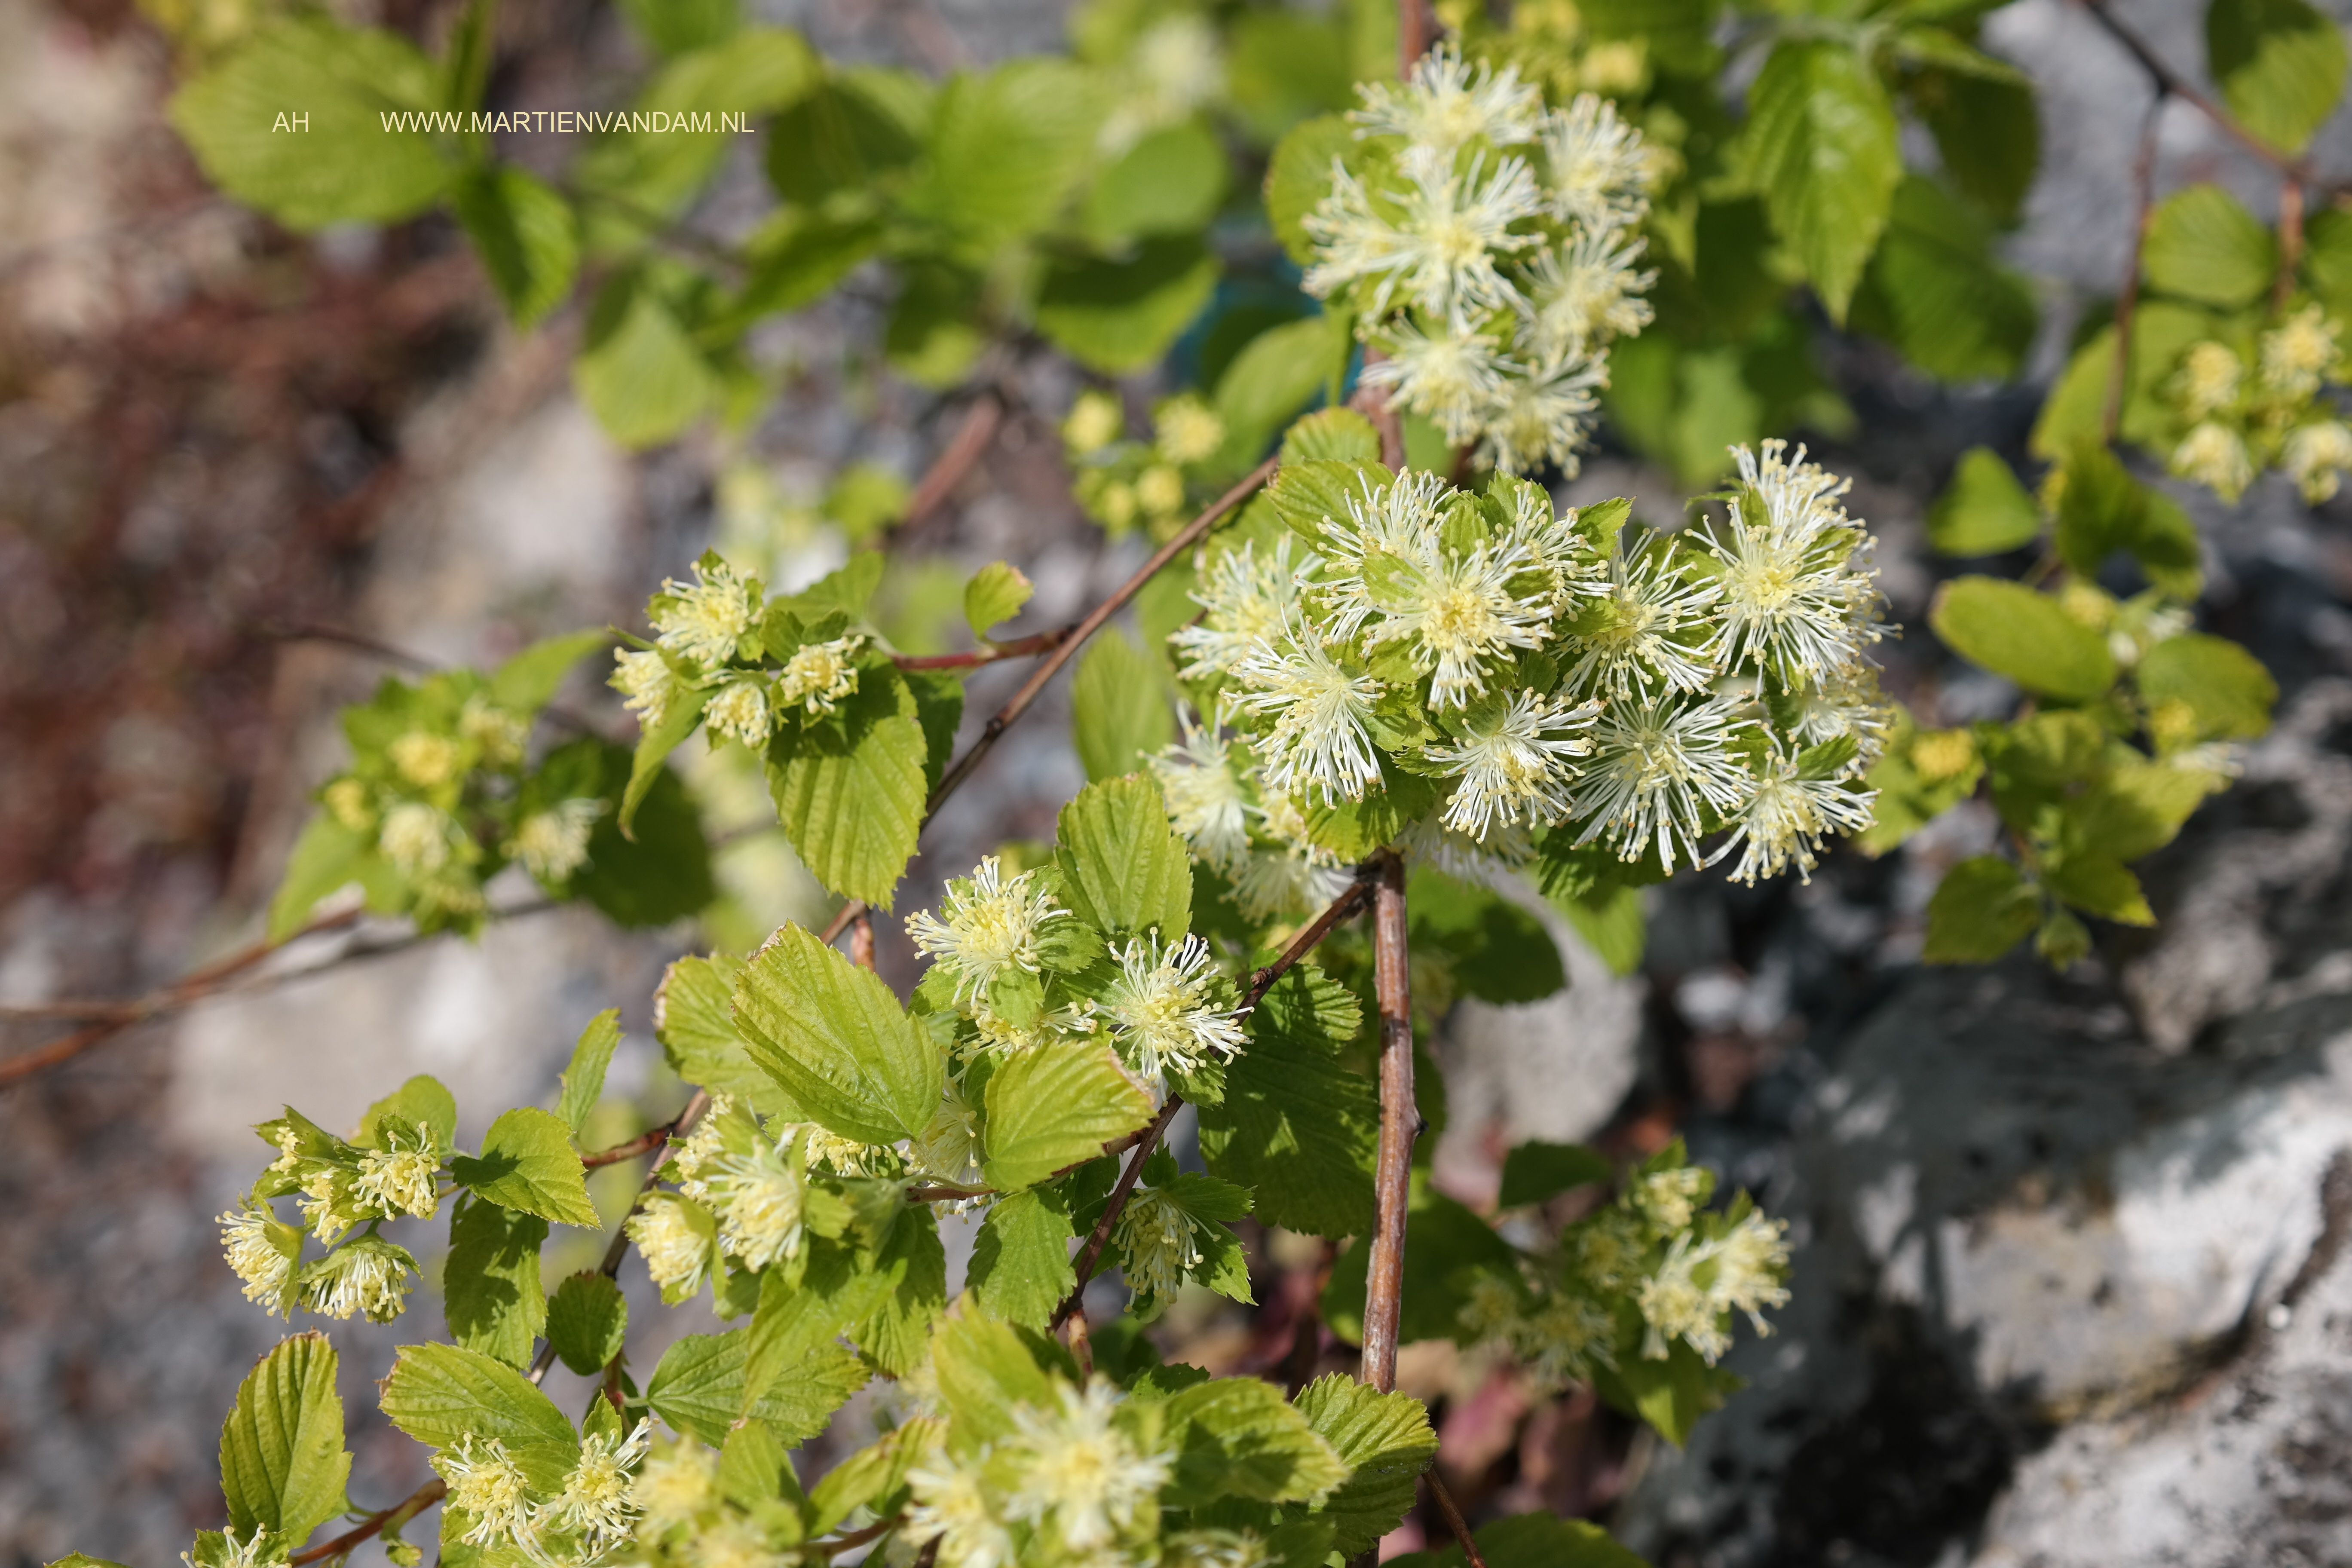 Neviusia alabamensis, het is een zeldzaam stuikje, traaggroeiend dat bloeit juli - september. Foto genomen in Fort Hoofddijk in april(?!) viel mij op door de mooie bloeiwijze.